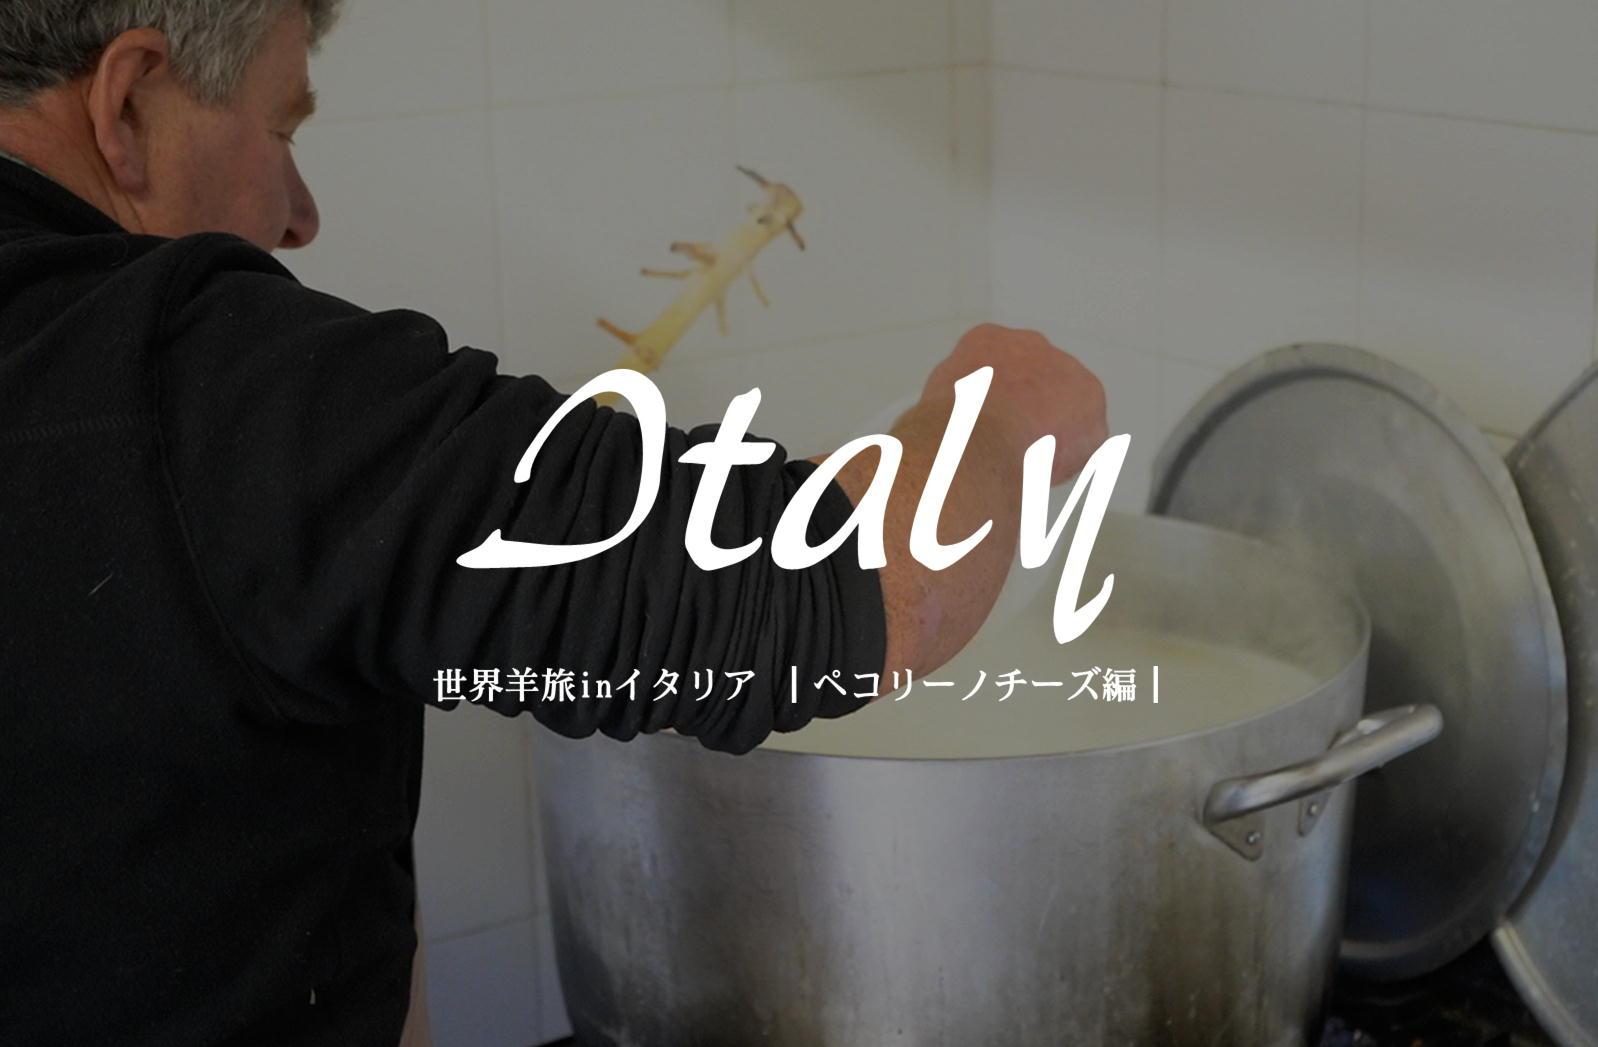 伝統製法の羊乳チーズ【イタリア/プラトヴェッキオ・スティーア】